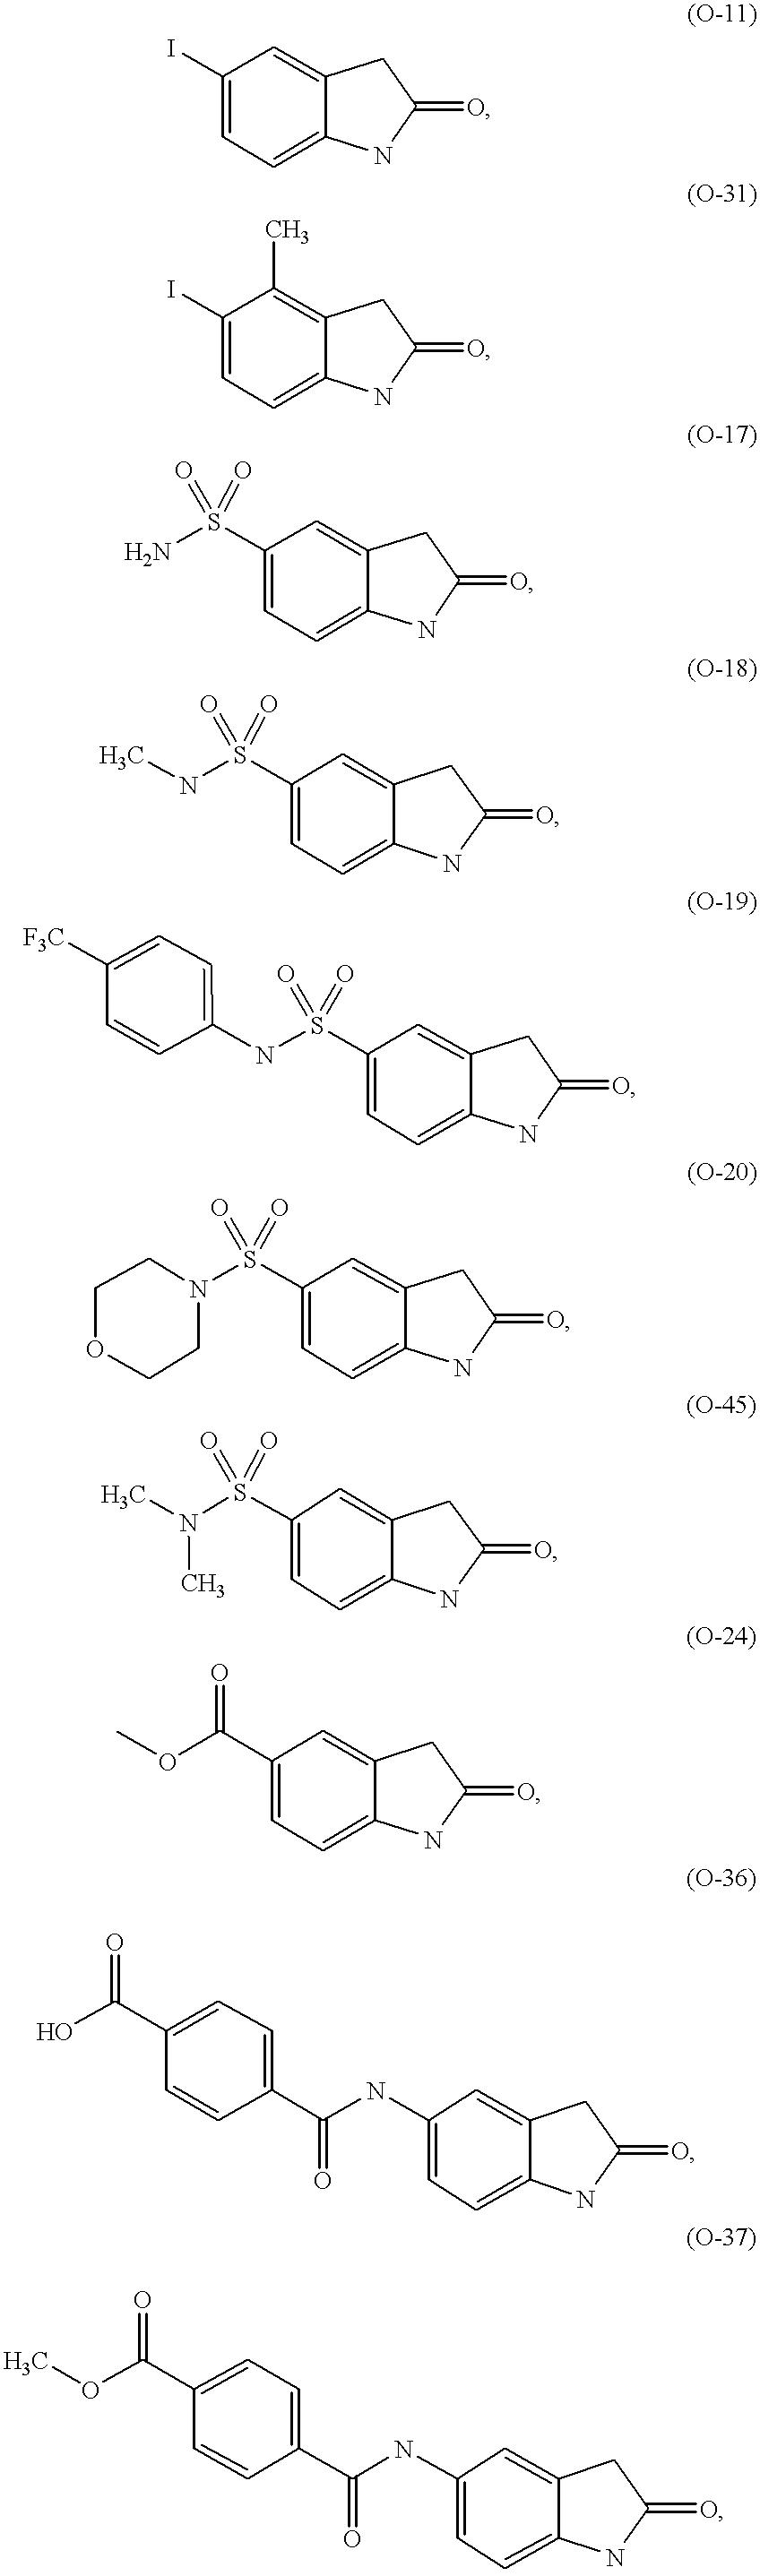 Figure US06514981-20030204-C00030